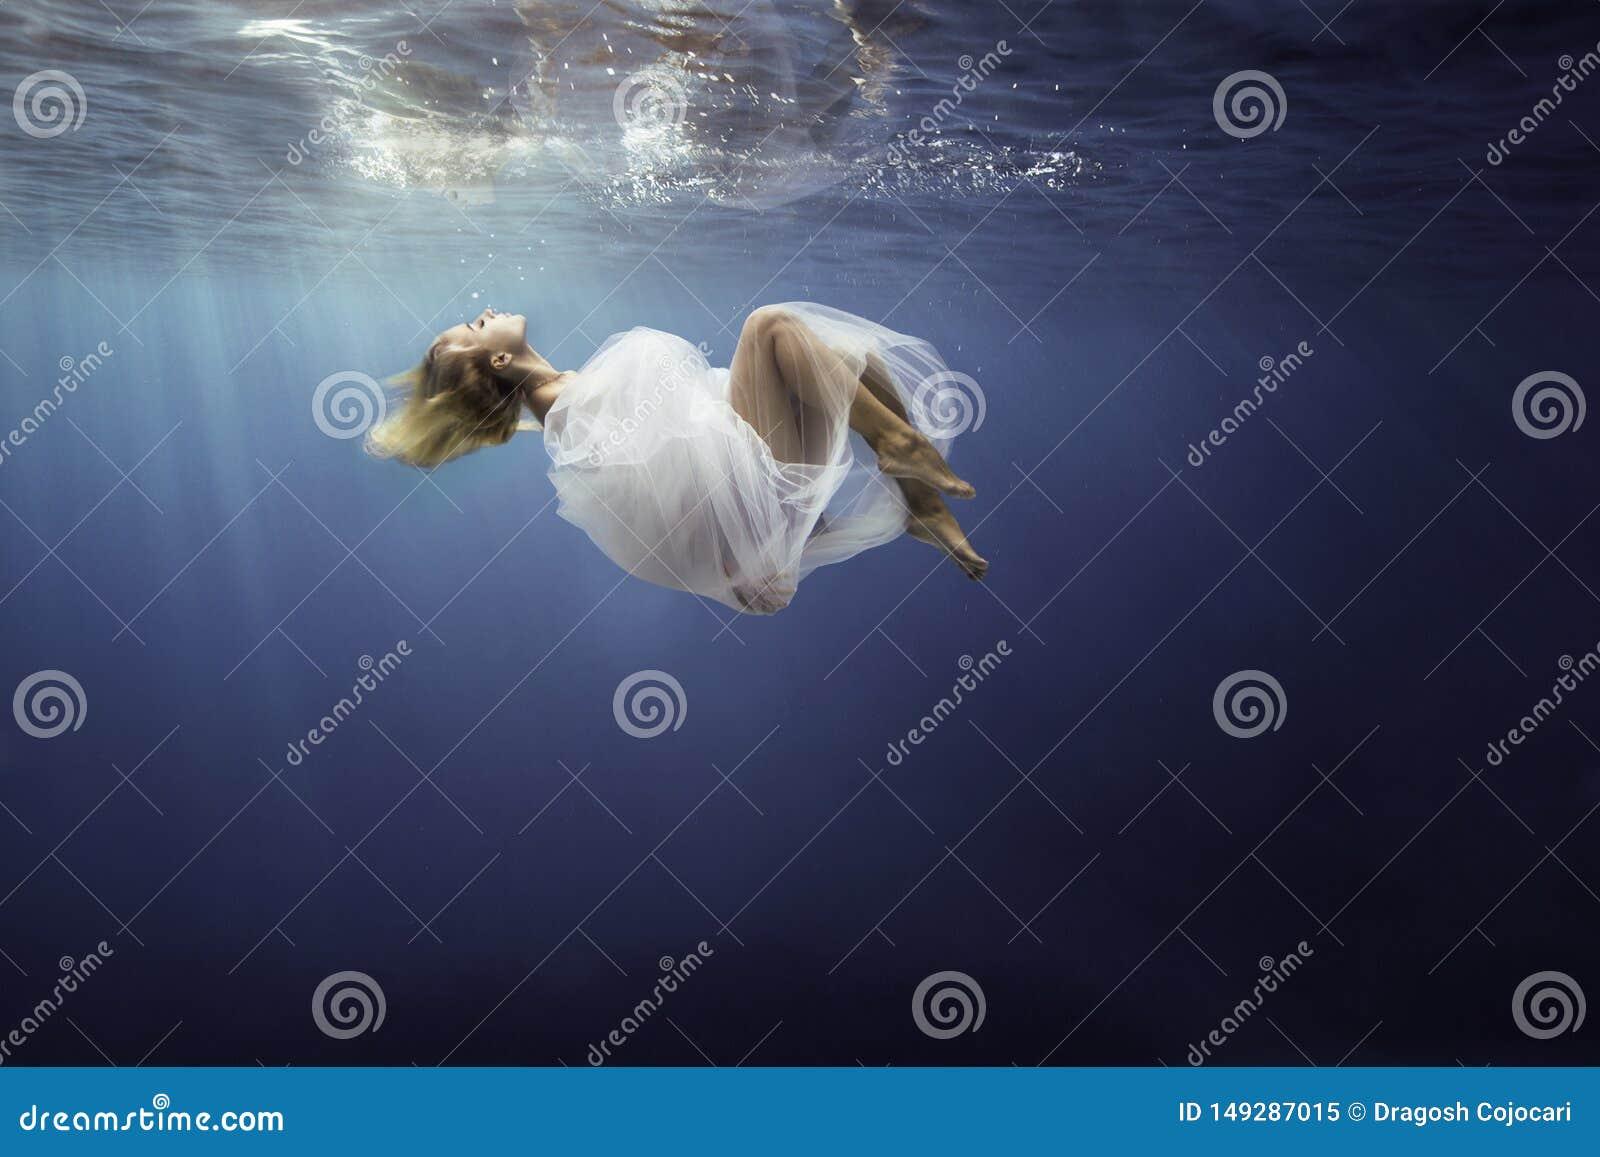 Blondes M?dchen wickelte in fine wei?en Stoff, sank in blaues tiefes Wasser von Ozean, gegen dunklen Seehintergrund ein